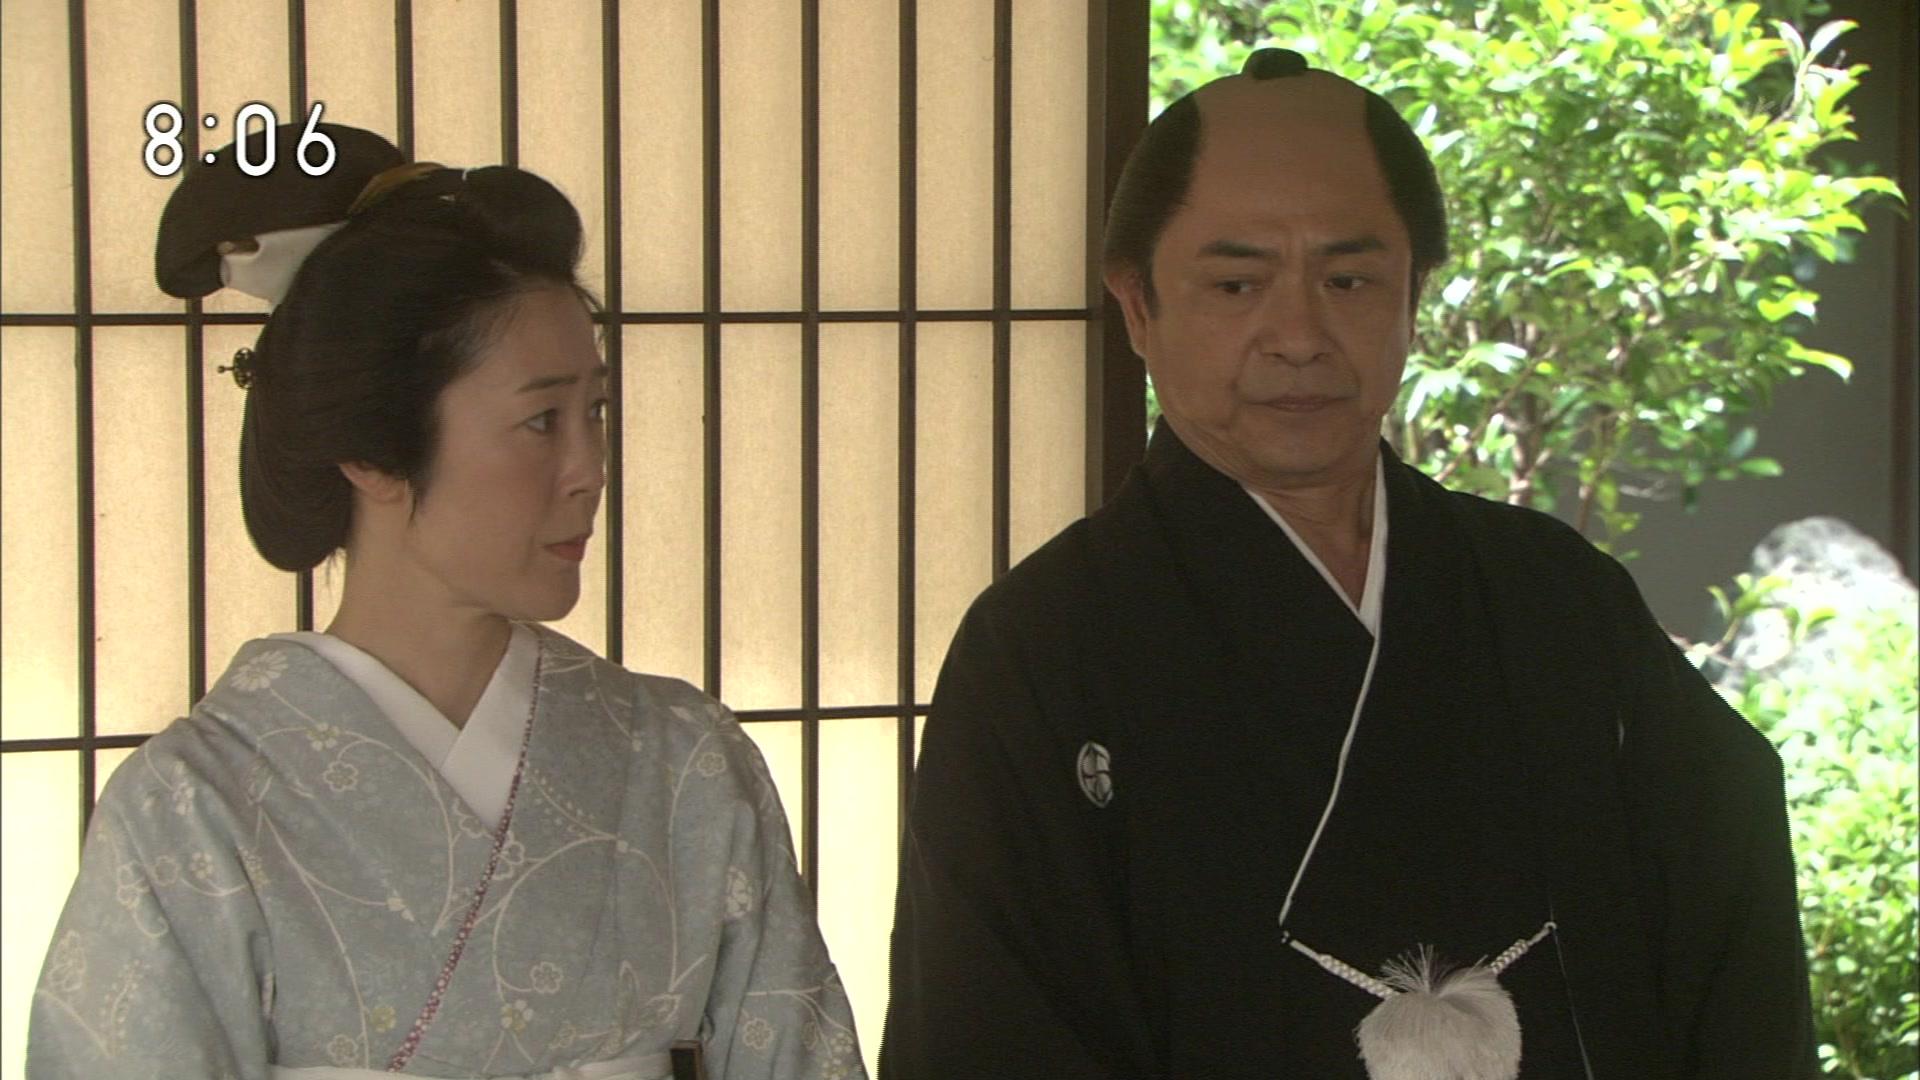 2015-10-12 08:00 連続テレビ小説 あさが来た(13)「新選組参上!」 1190